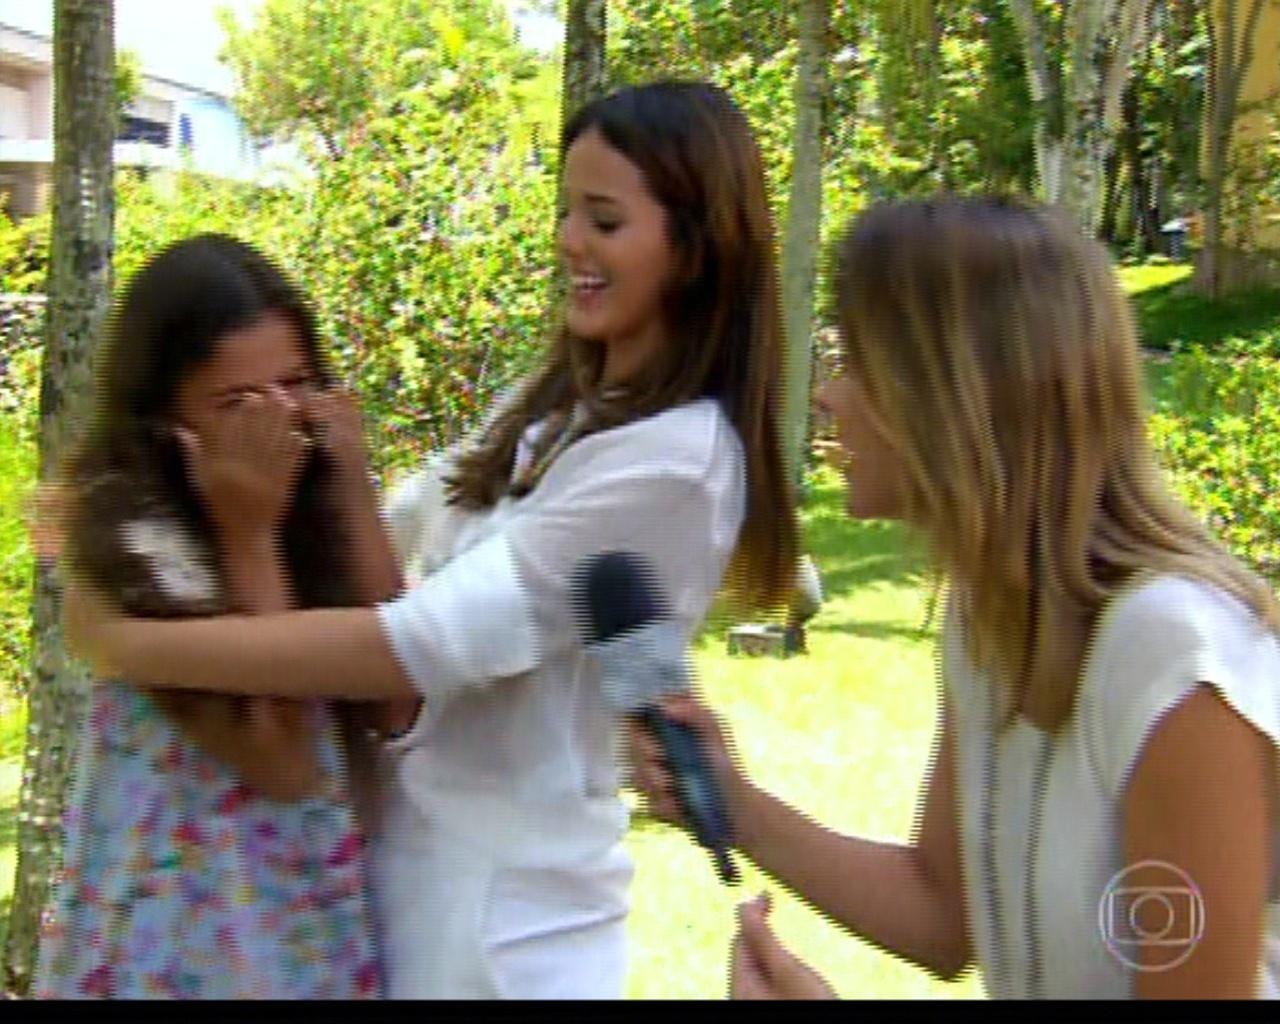 10.fev.2014 - Luana Marquezine se envergonha em entrevista ao lado da irmã Bruna Marquezine e cobre rosto com as mãos no